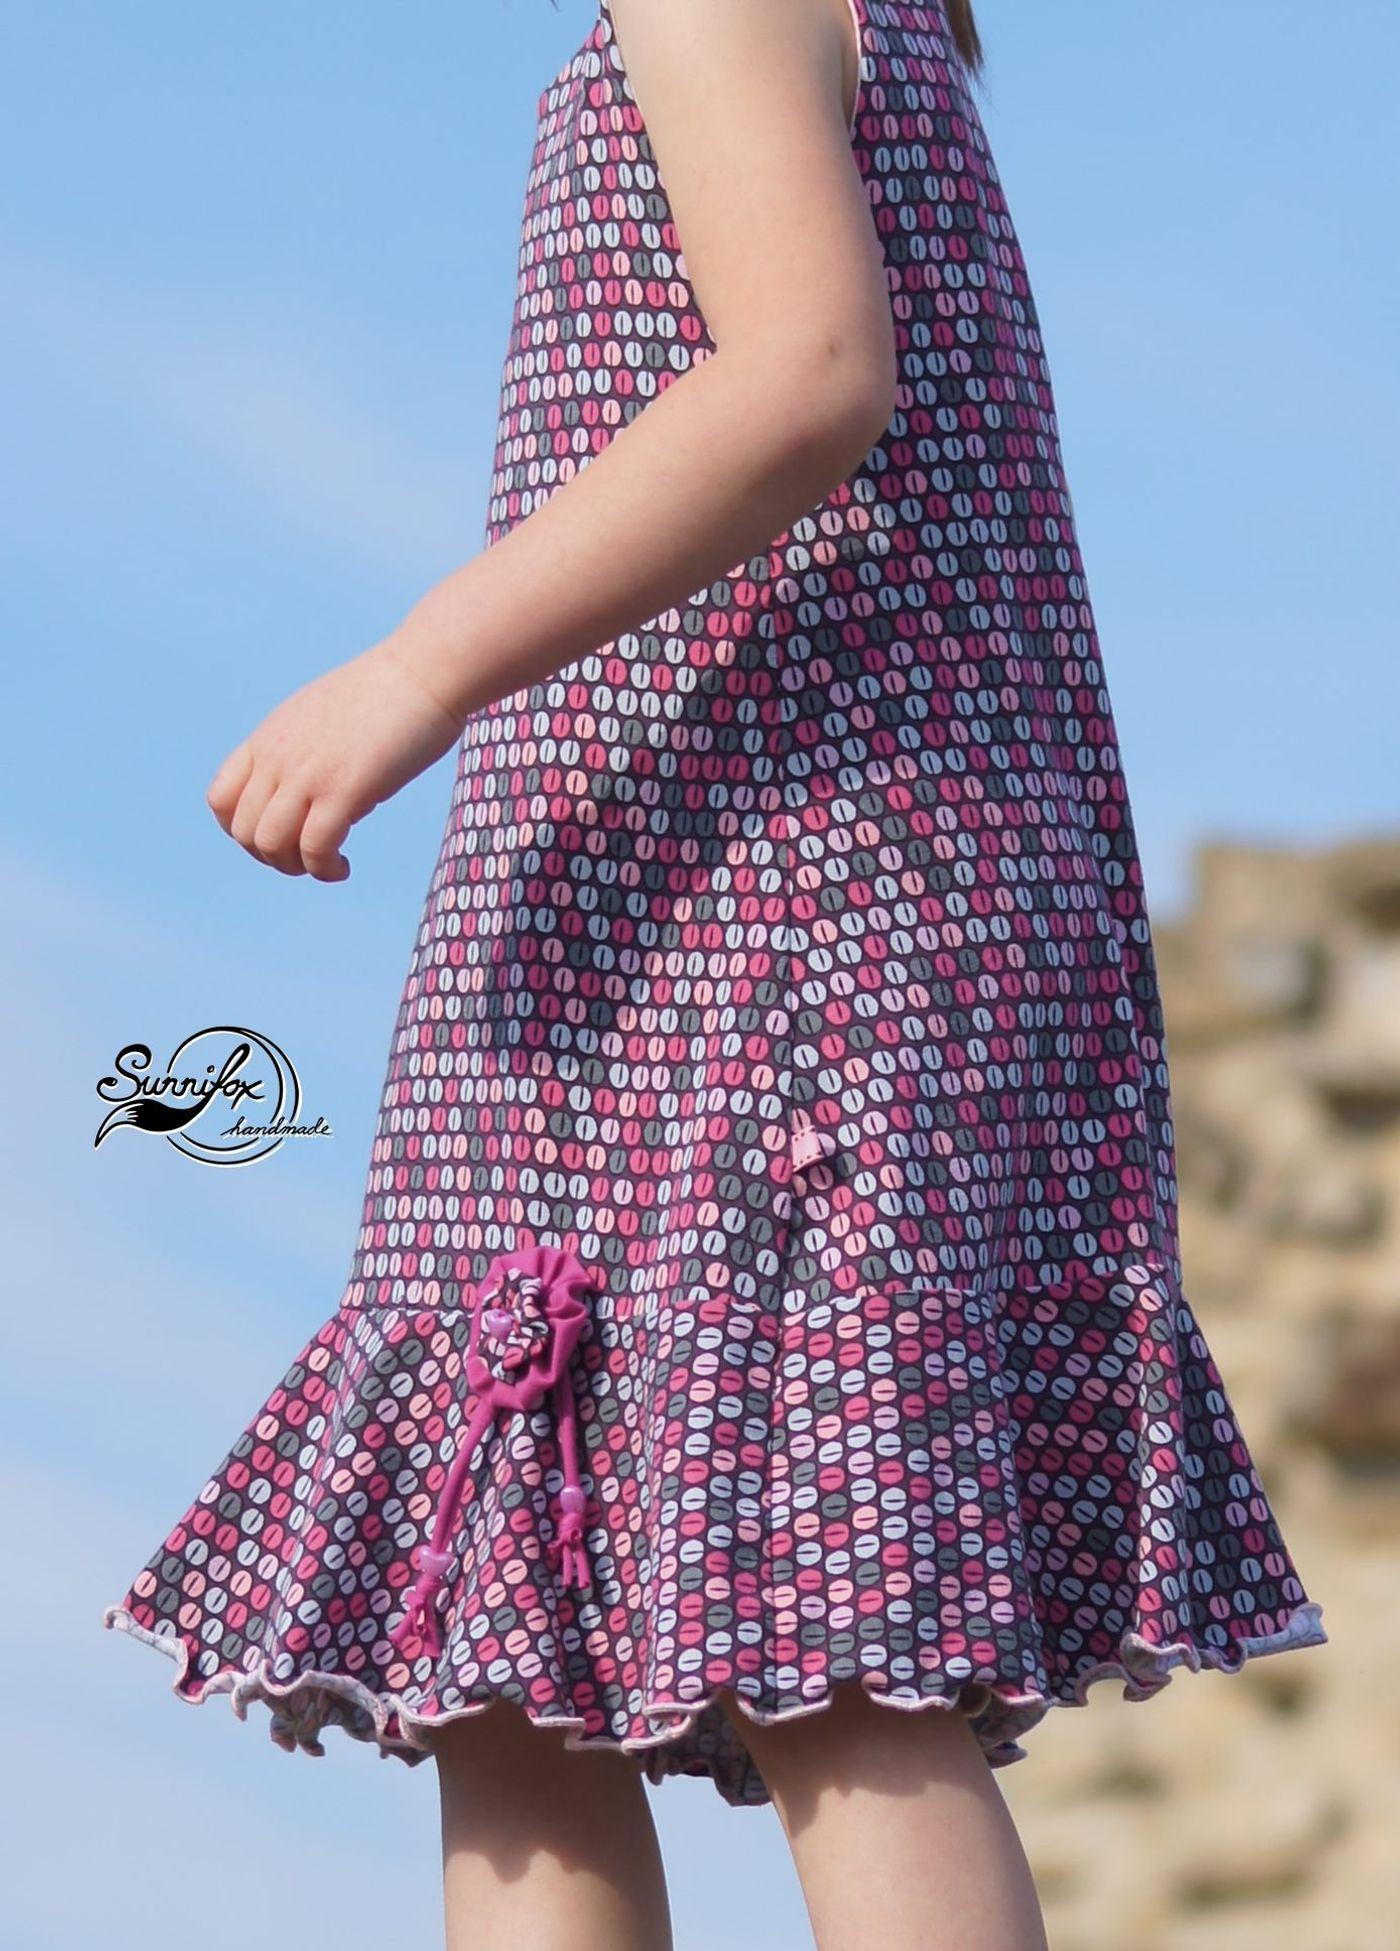 Produktfoto 18 von Happy Pearl für Schnittmuster Little SUNdrina + Happy SUNdrina Tunika/Kleid und 43cm Puppenschnitt